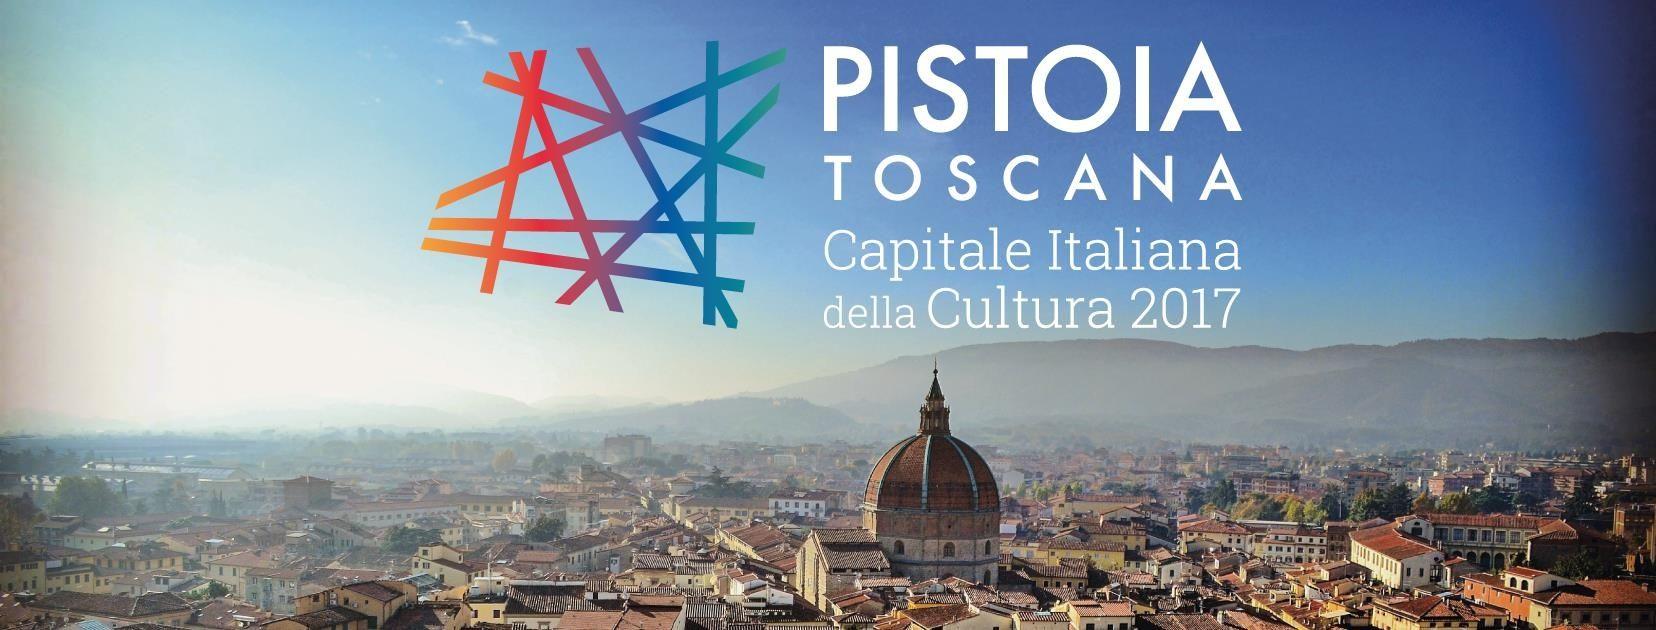 Pistoia 2017, ecco il logo della Capitale Italiana della Cultura ..:: La Voce di Pistoia ::.. Notizie, News, Fatti, personaggi, politica della provincia di Pistoia